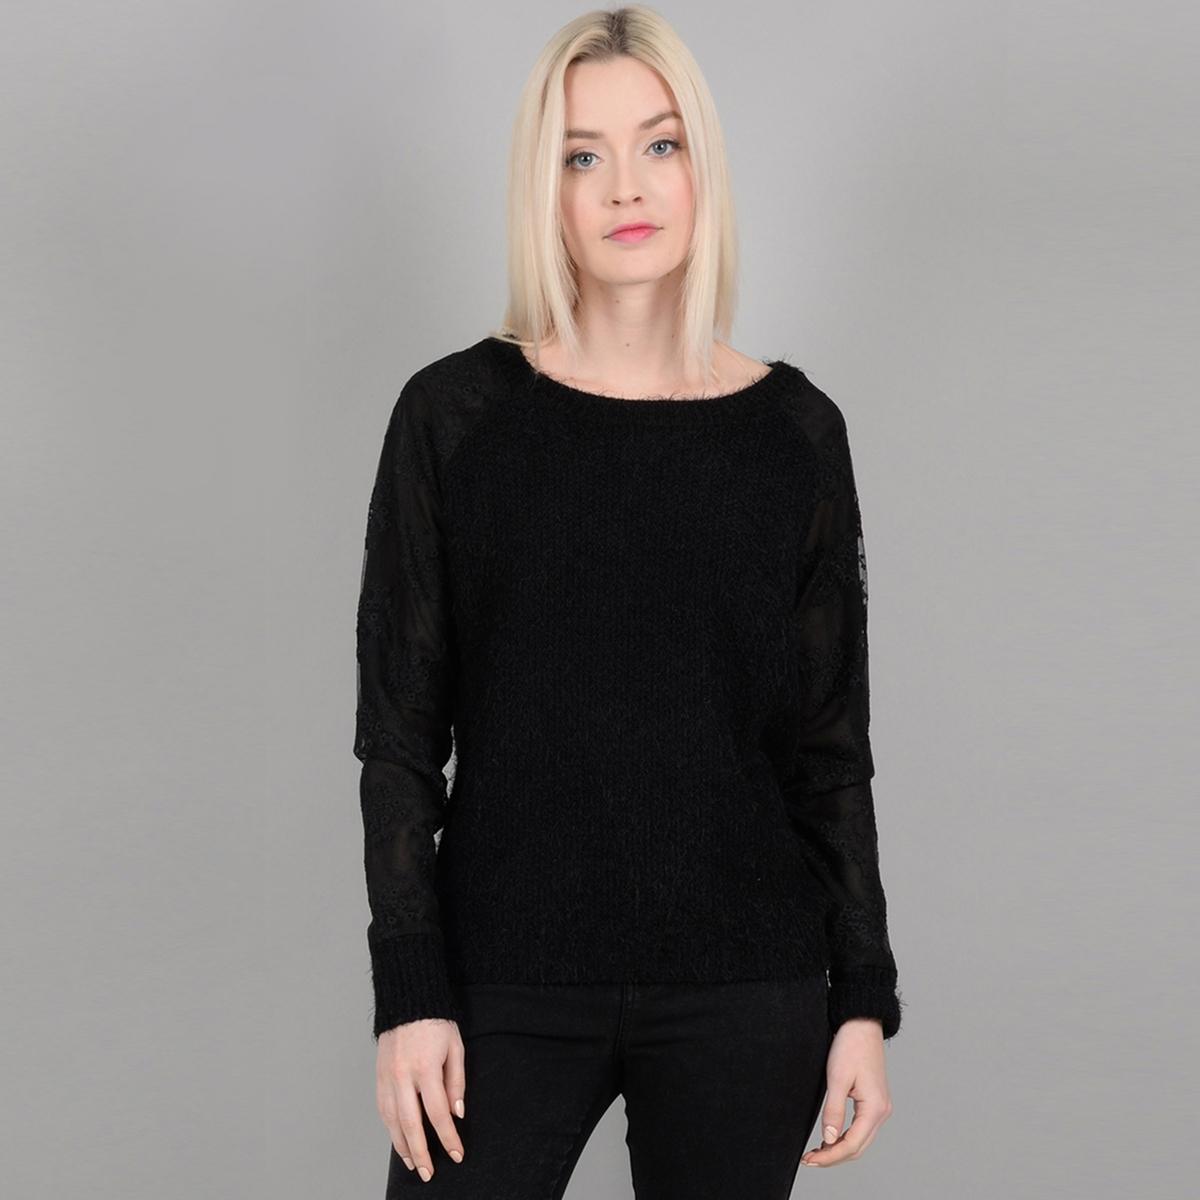 Пуловер La Redoute С круглым вырезом из тонкого трикотажа M черный пуловер la redoute с круглым вырезом из тонкого трикотажа m красный